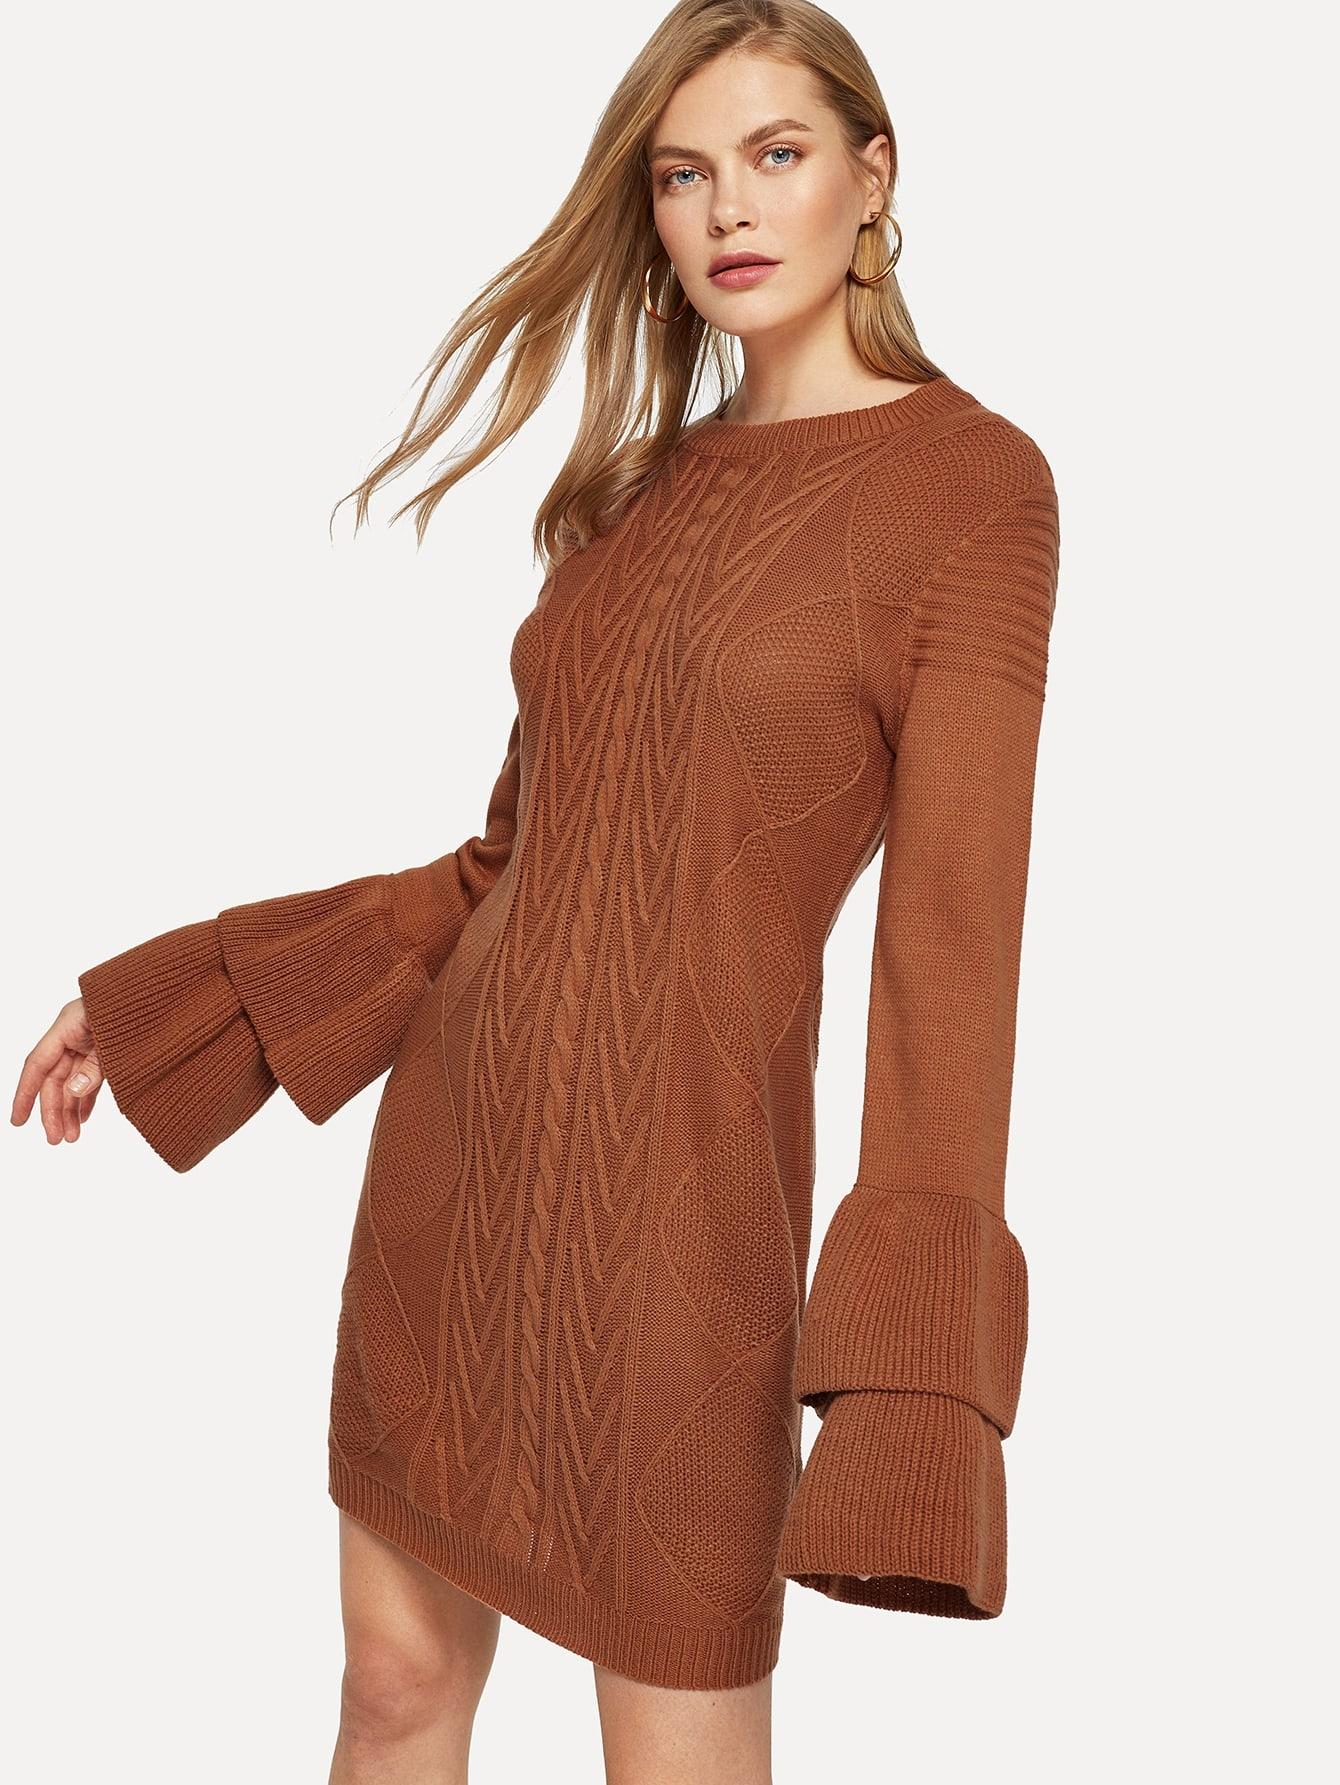 Купить Вязаное платье-свитер со слоистыми оборками, Kate C, SheIn